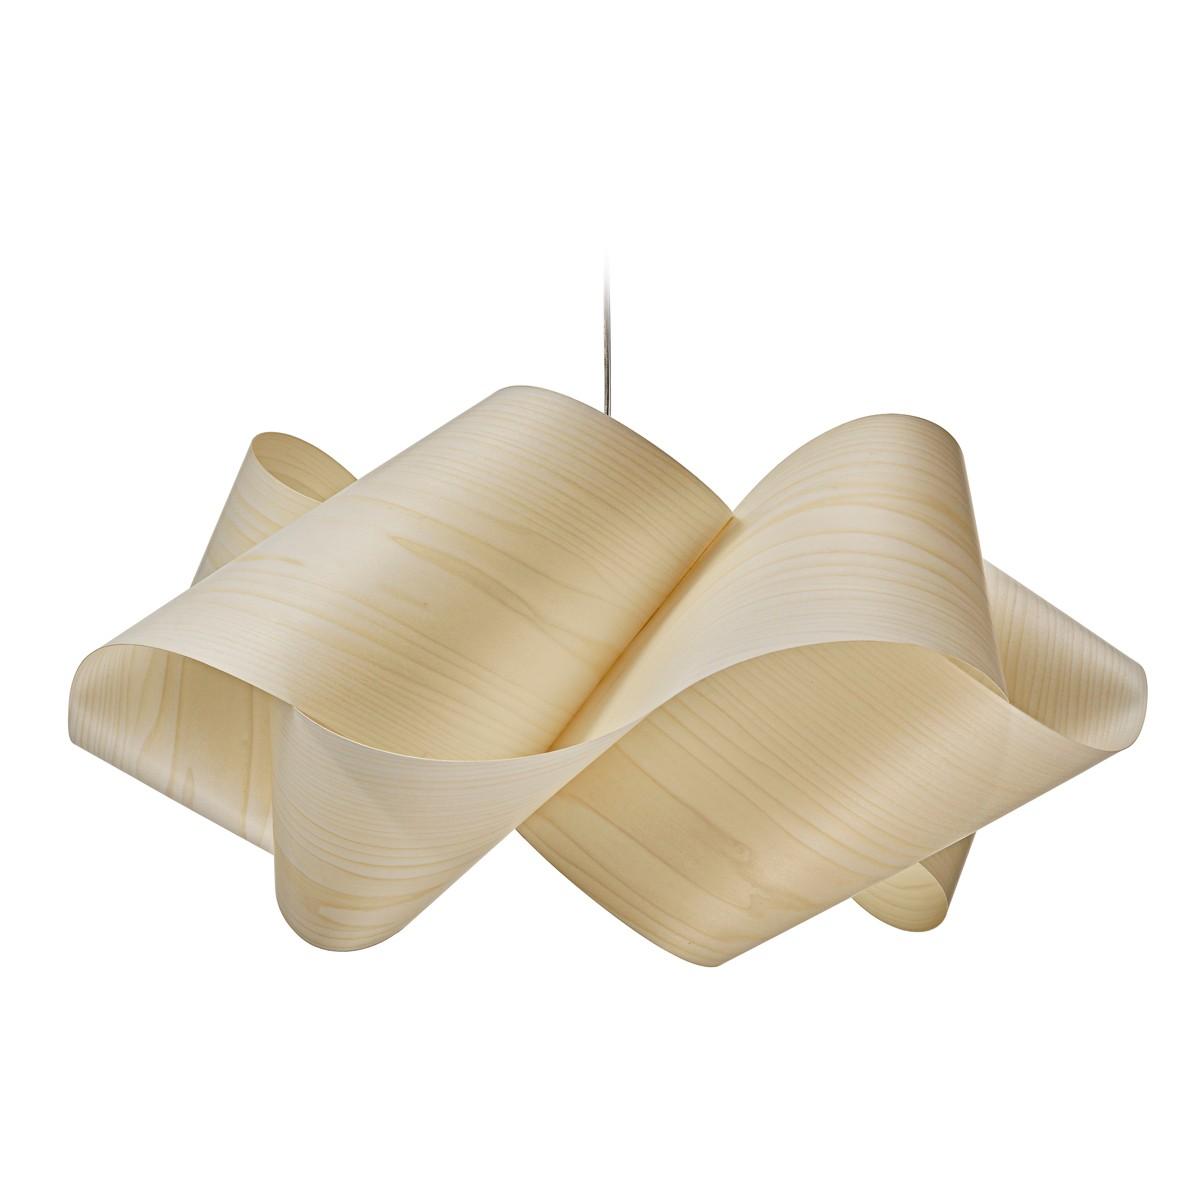 LZF Lamps Swirl Large Pendelleuchte, elfenbeinweiß